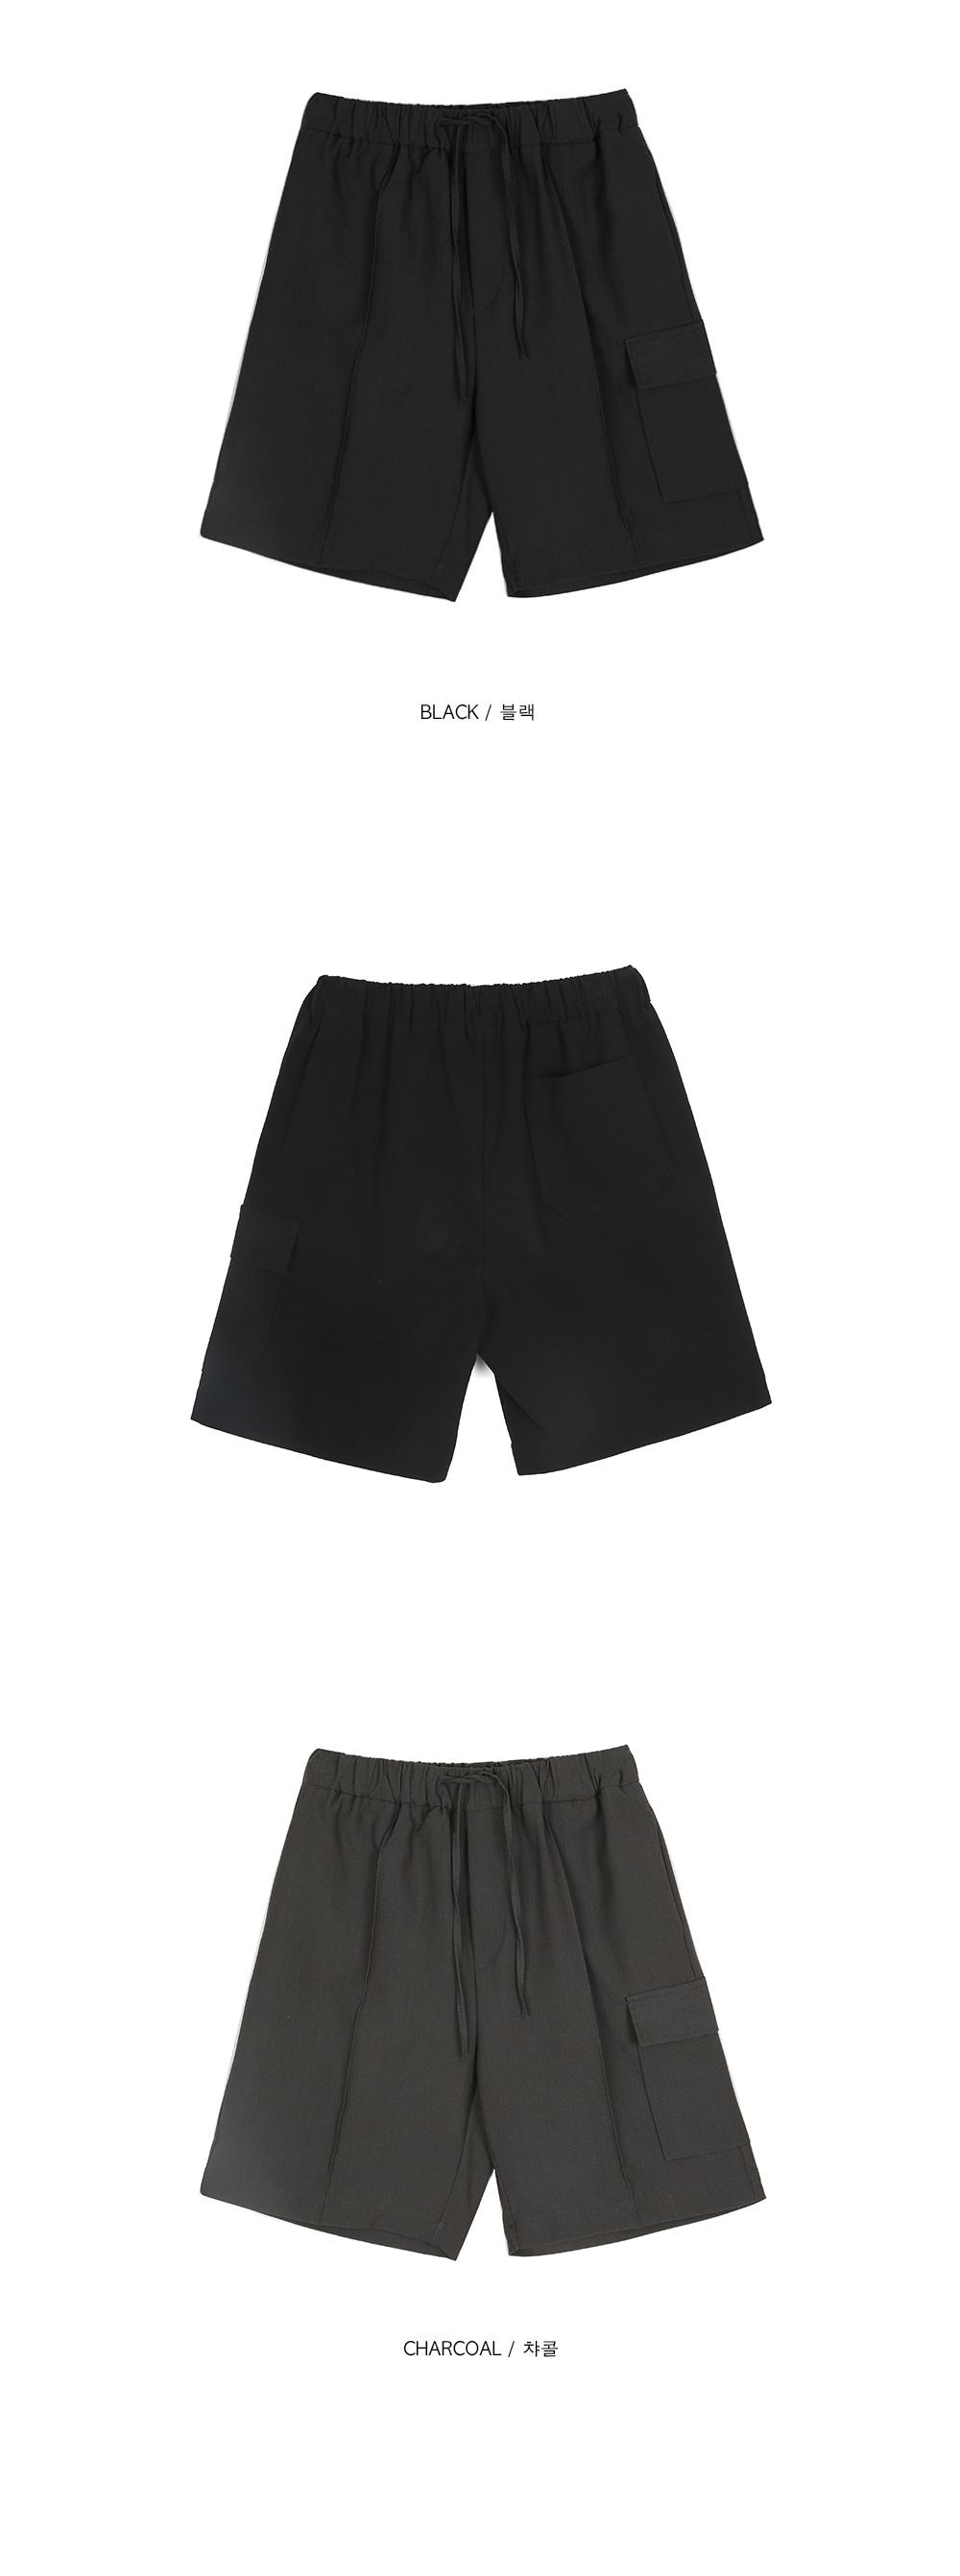 SALE pocket banding half slacks (charcoal) - men